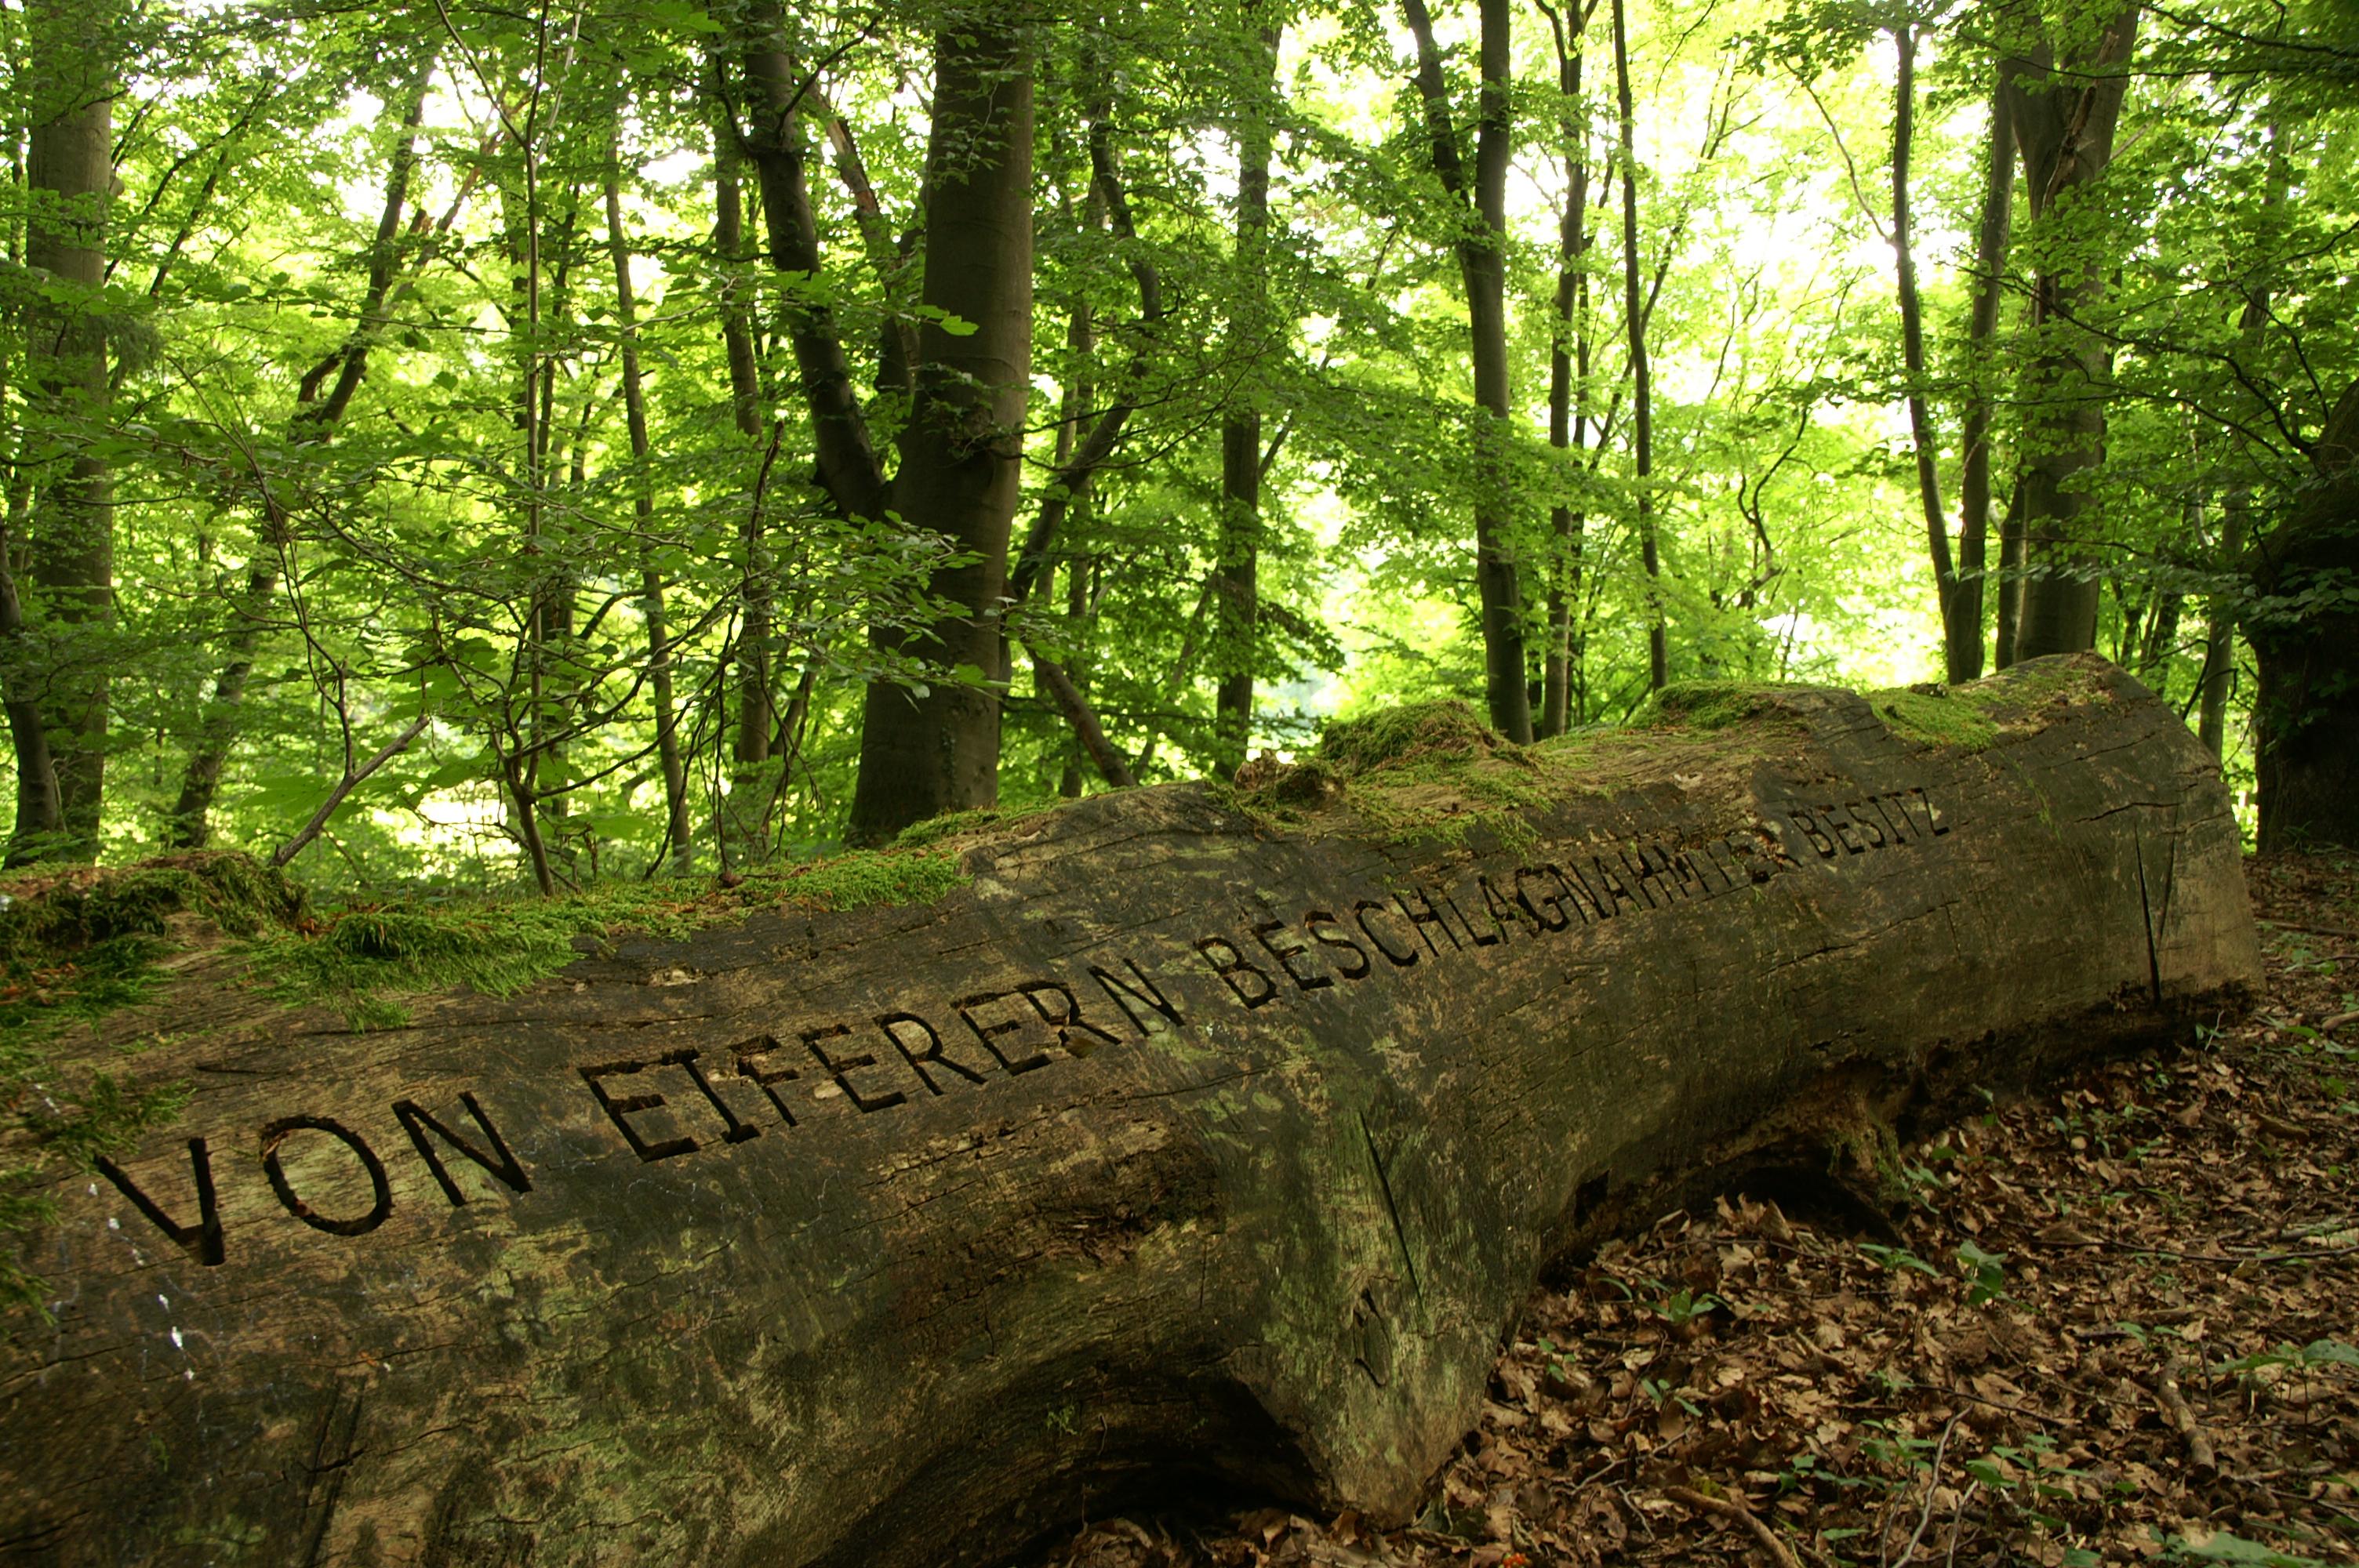 Sinnsprüche der Kaiserring-Trägerin Jenny Holzer zieren umgestürzte Stämme